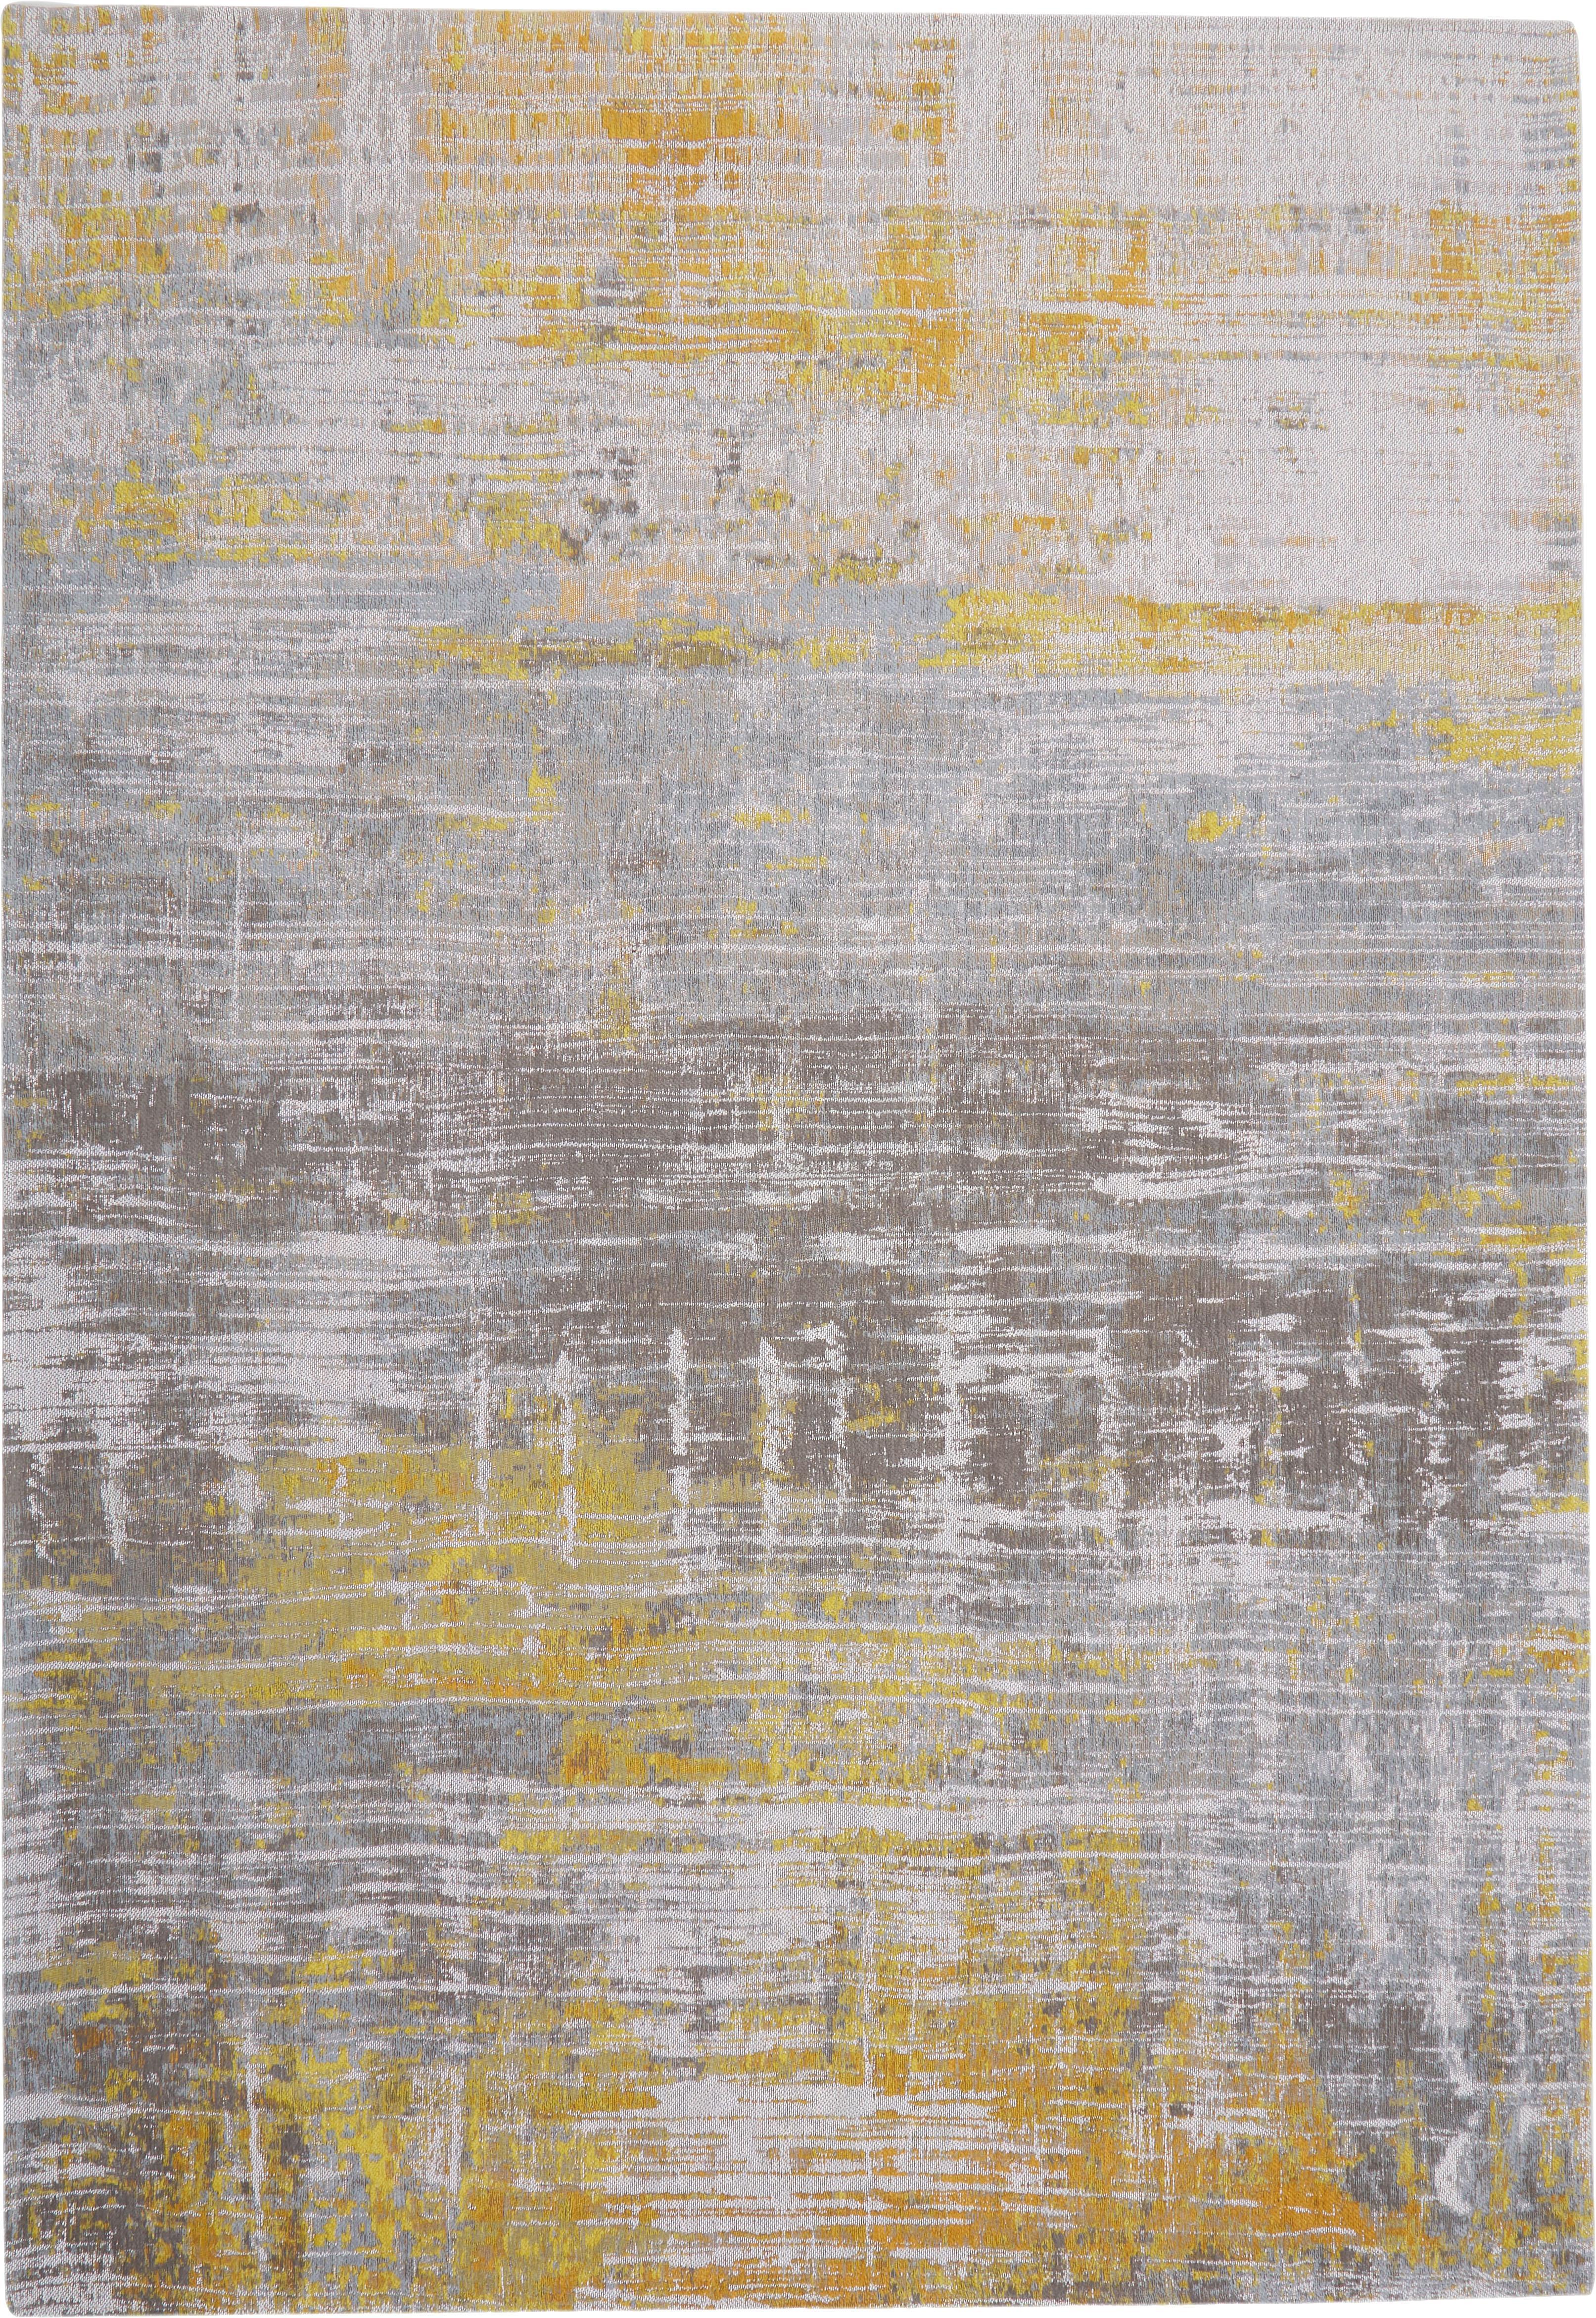 Design vloerkleed Streaks in grijs/geel, Bovenzijde: 85%katoen, 15%hoogglanz, Weeftechniek: jacquard, Onderzijde: katoenmix, gecoat met lat, Geel, grijs, wit, 170 x 240 cm